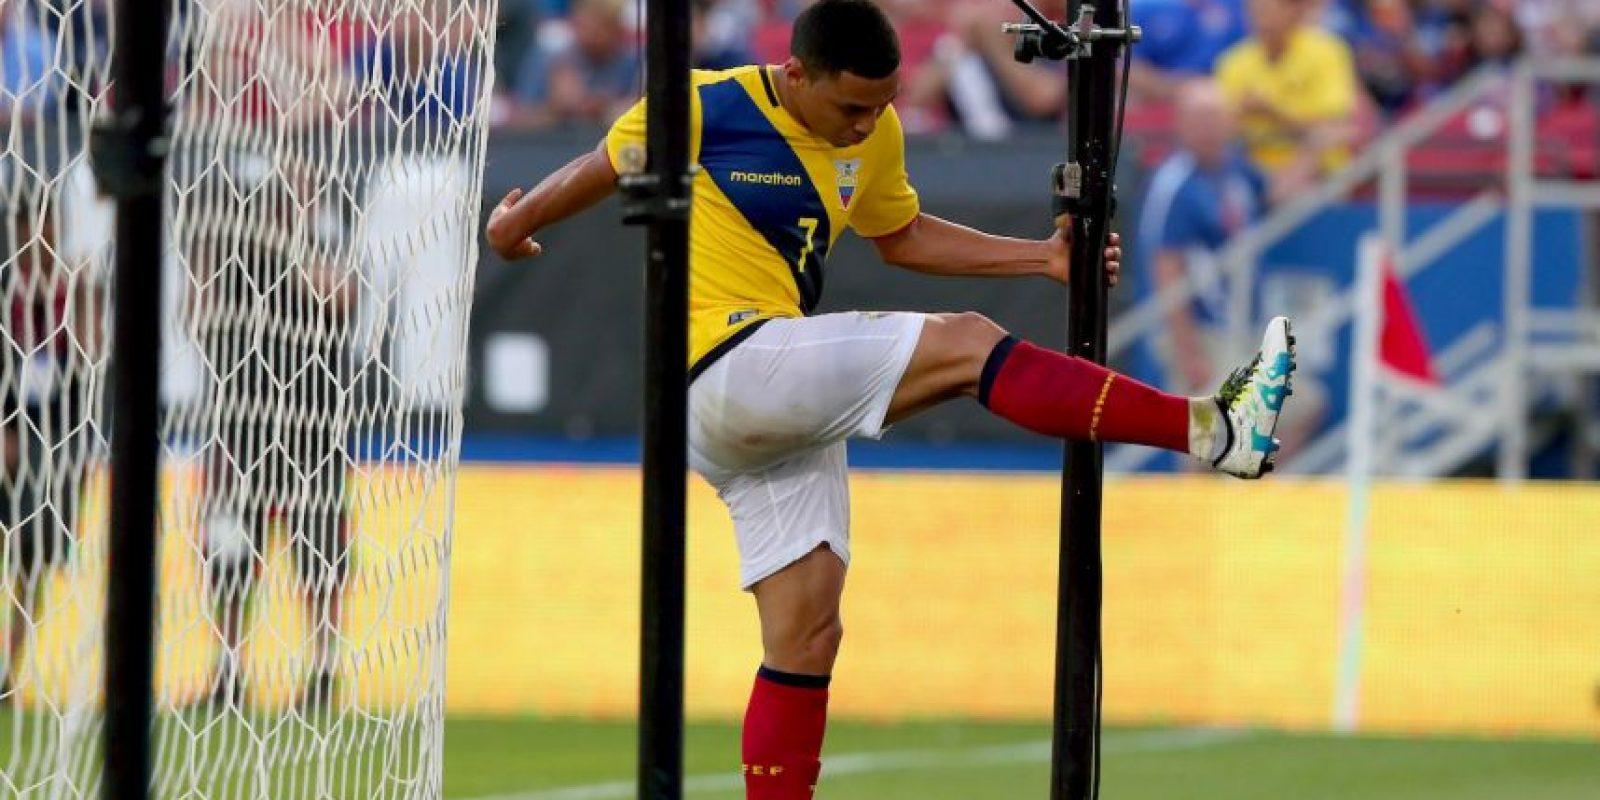 Seguramente si ven la portada, los ecuatorianos saldrán con todo a buscar la victoria Foto:Getty Images